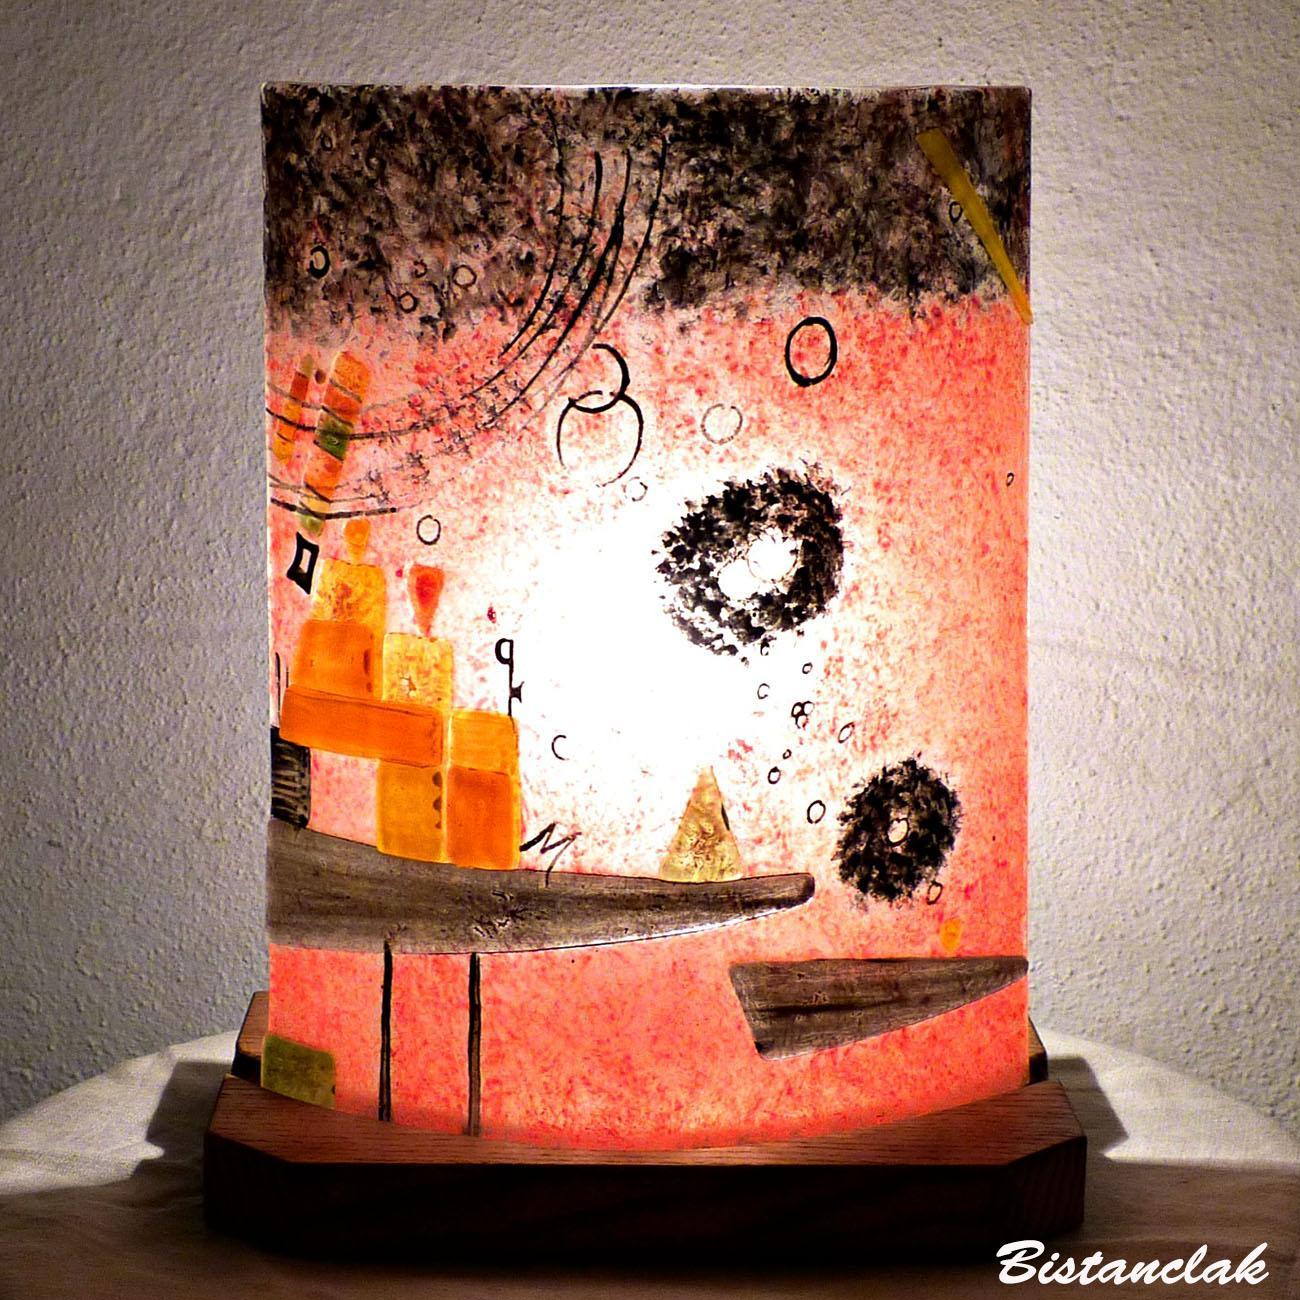 Lampe artisanale rouge et multicolore au design geometrique inspiré de kandinsky